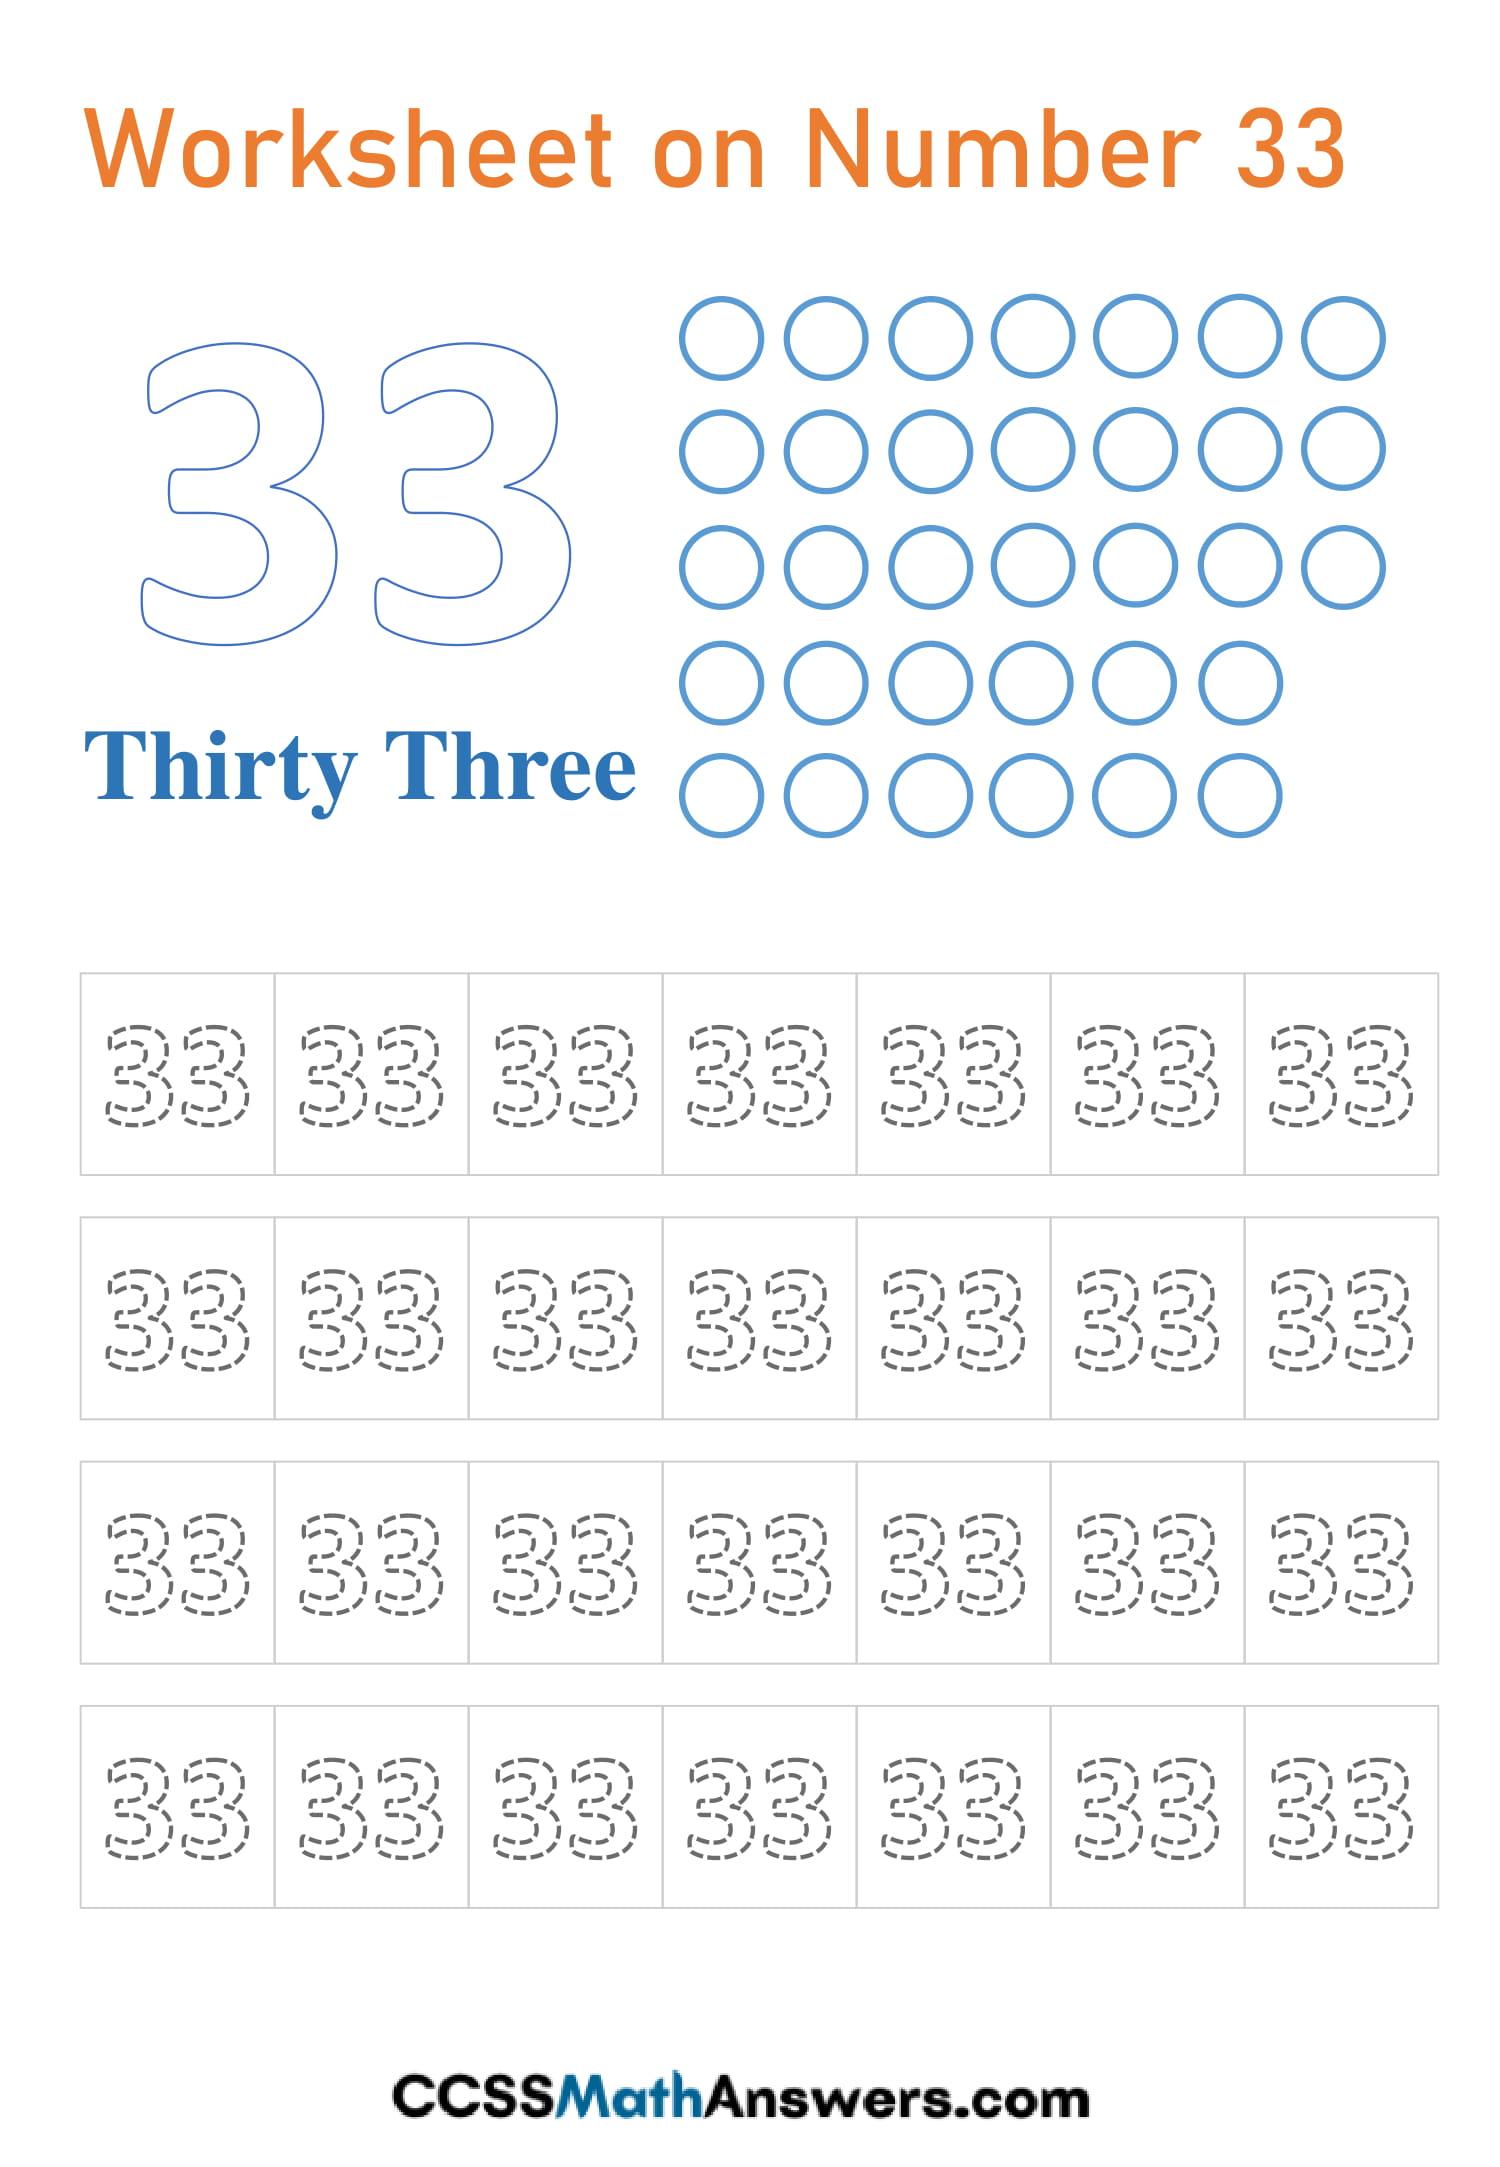 Number 33 Worksheet